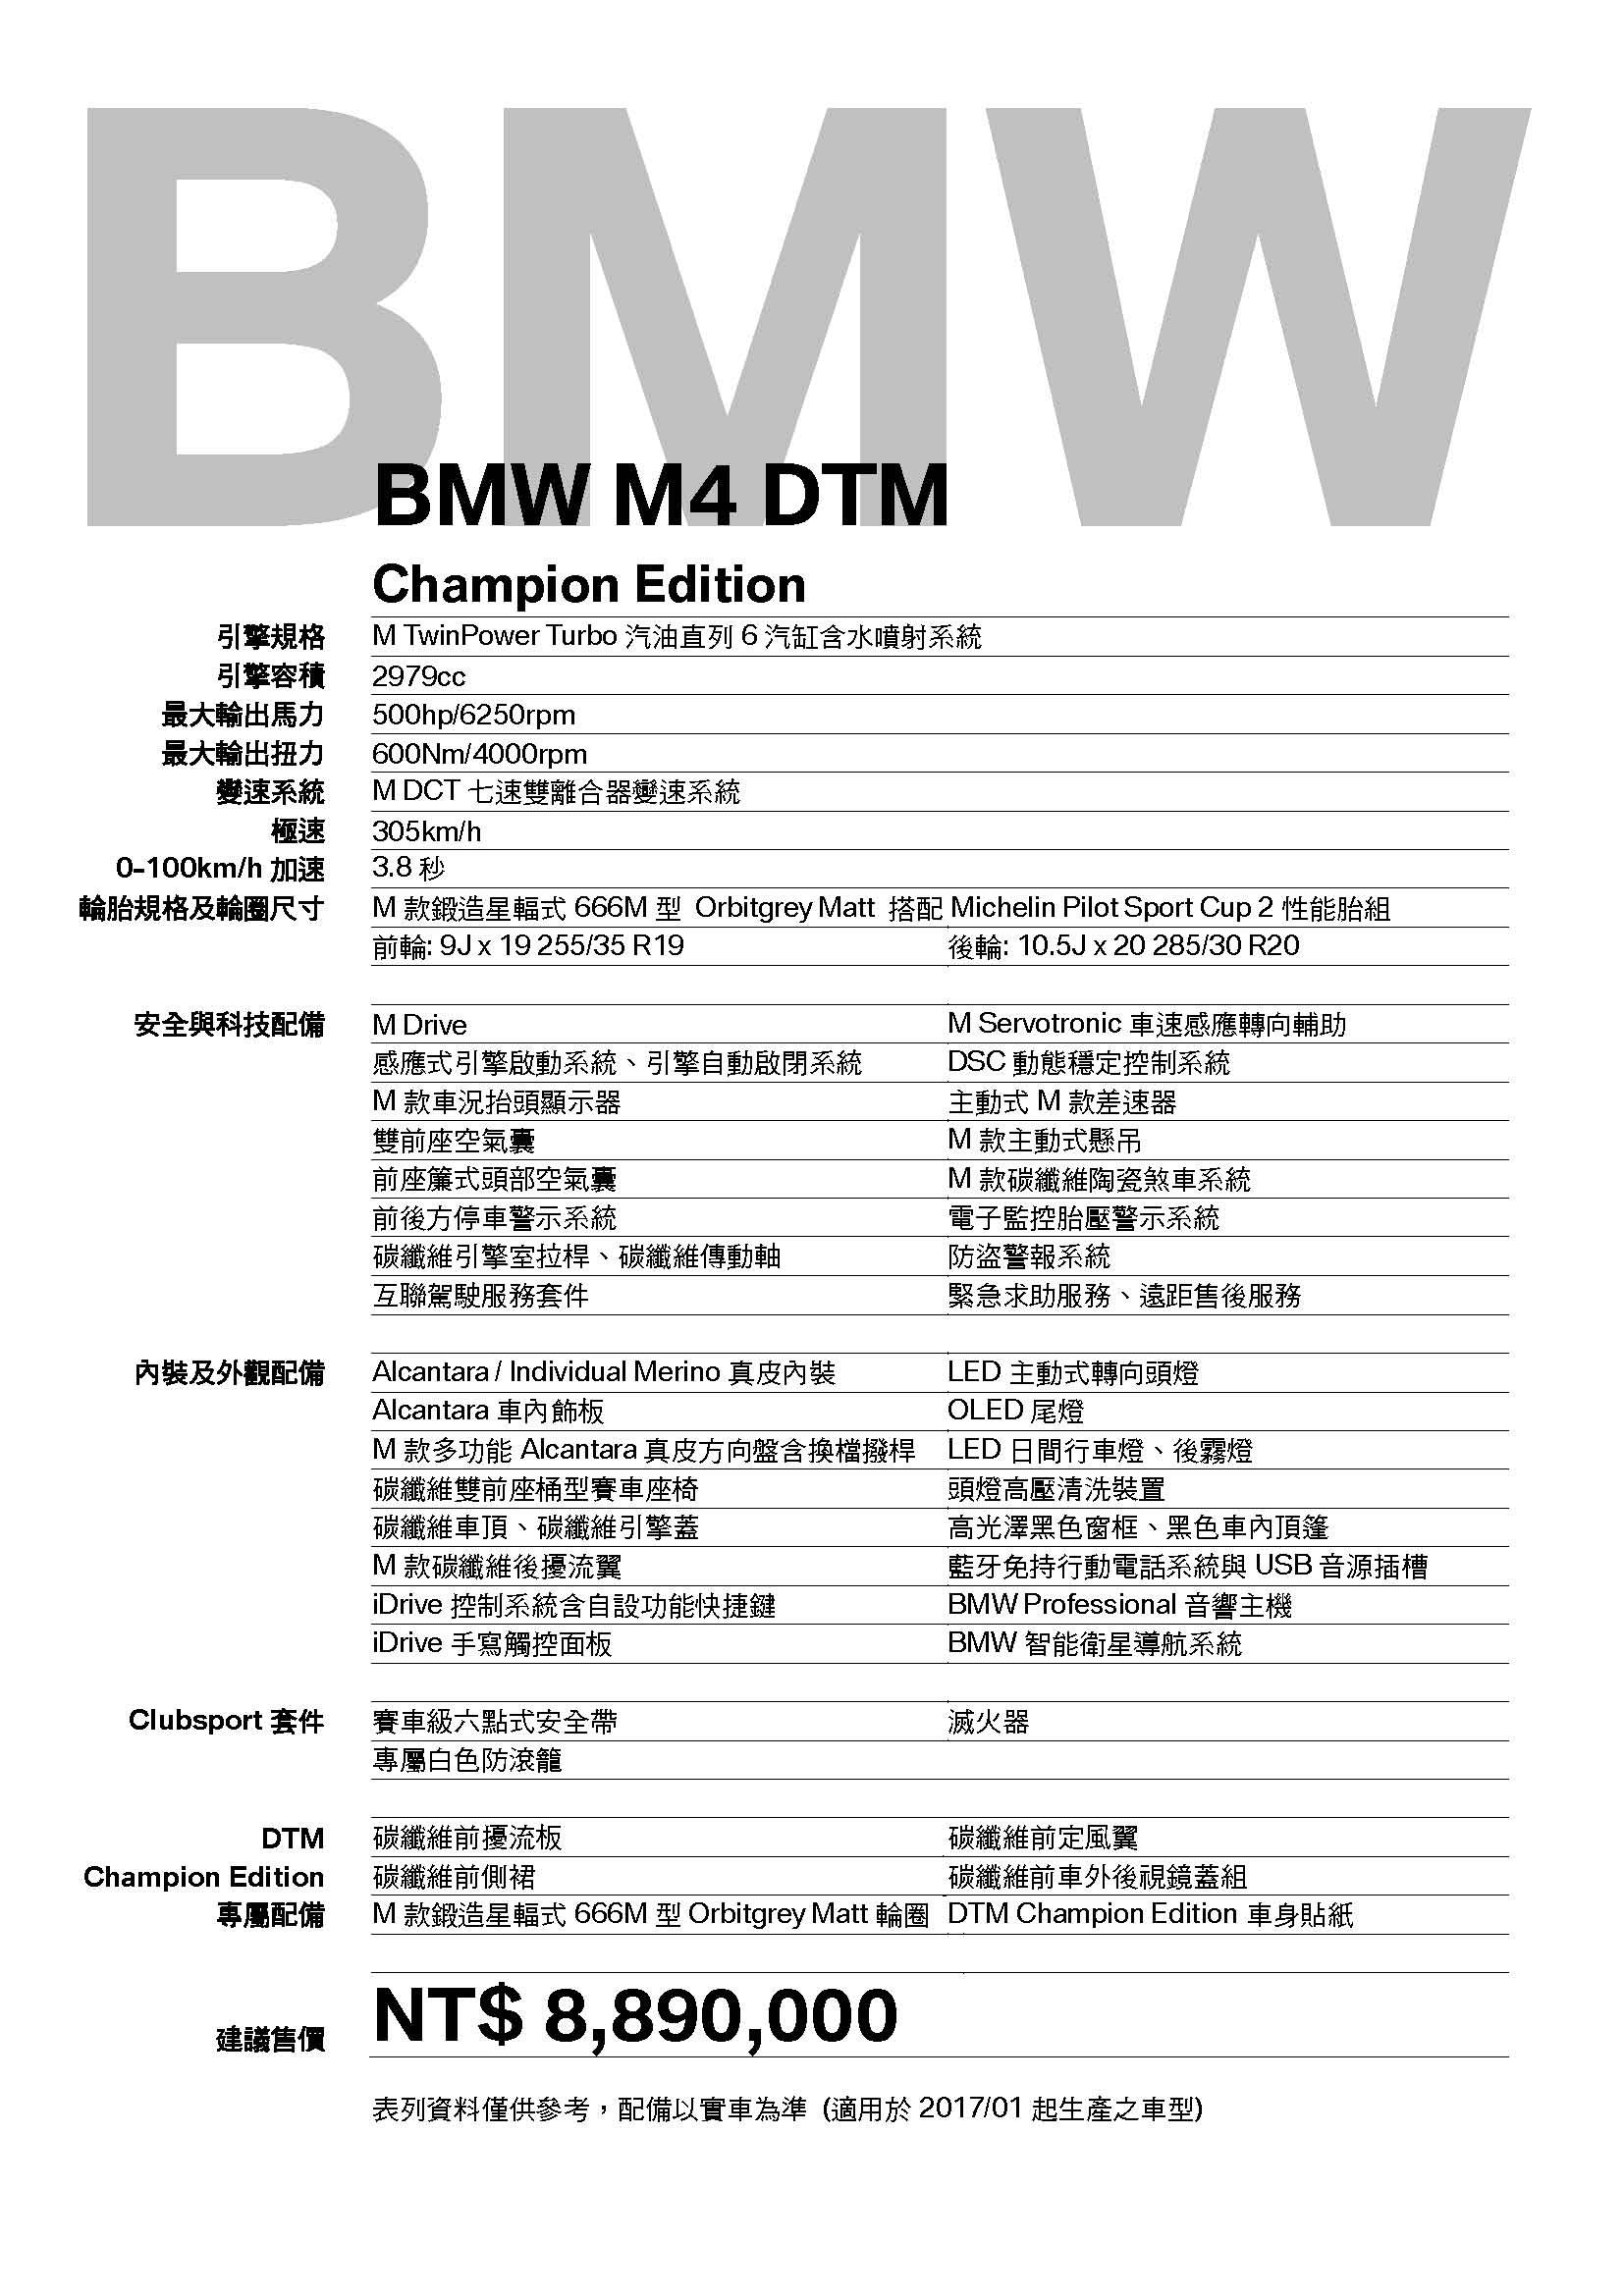 車展表M4 DTM Champion Edition_final